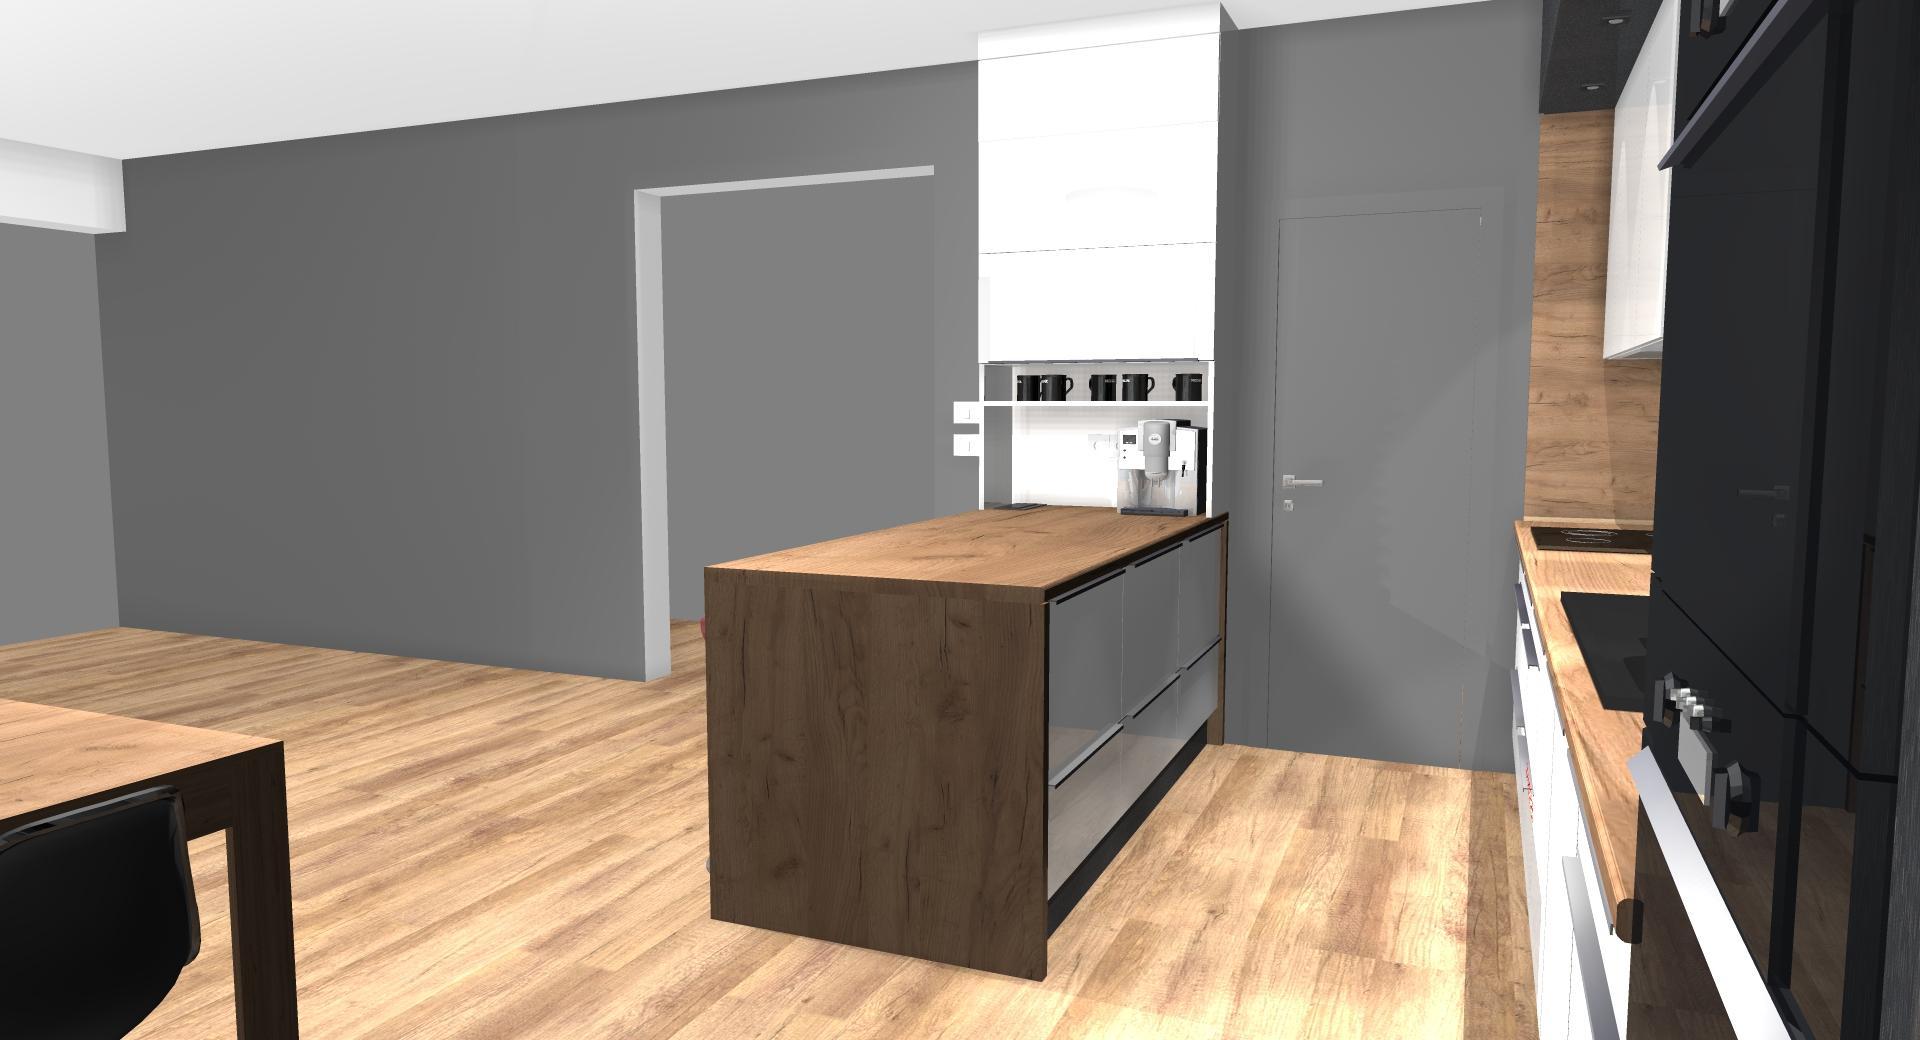 Grafické návrhy kuchynských liniek 2020 - Grafický návrh kuchynskej linky do rodinného domu v Zv - obr.5